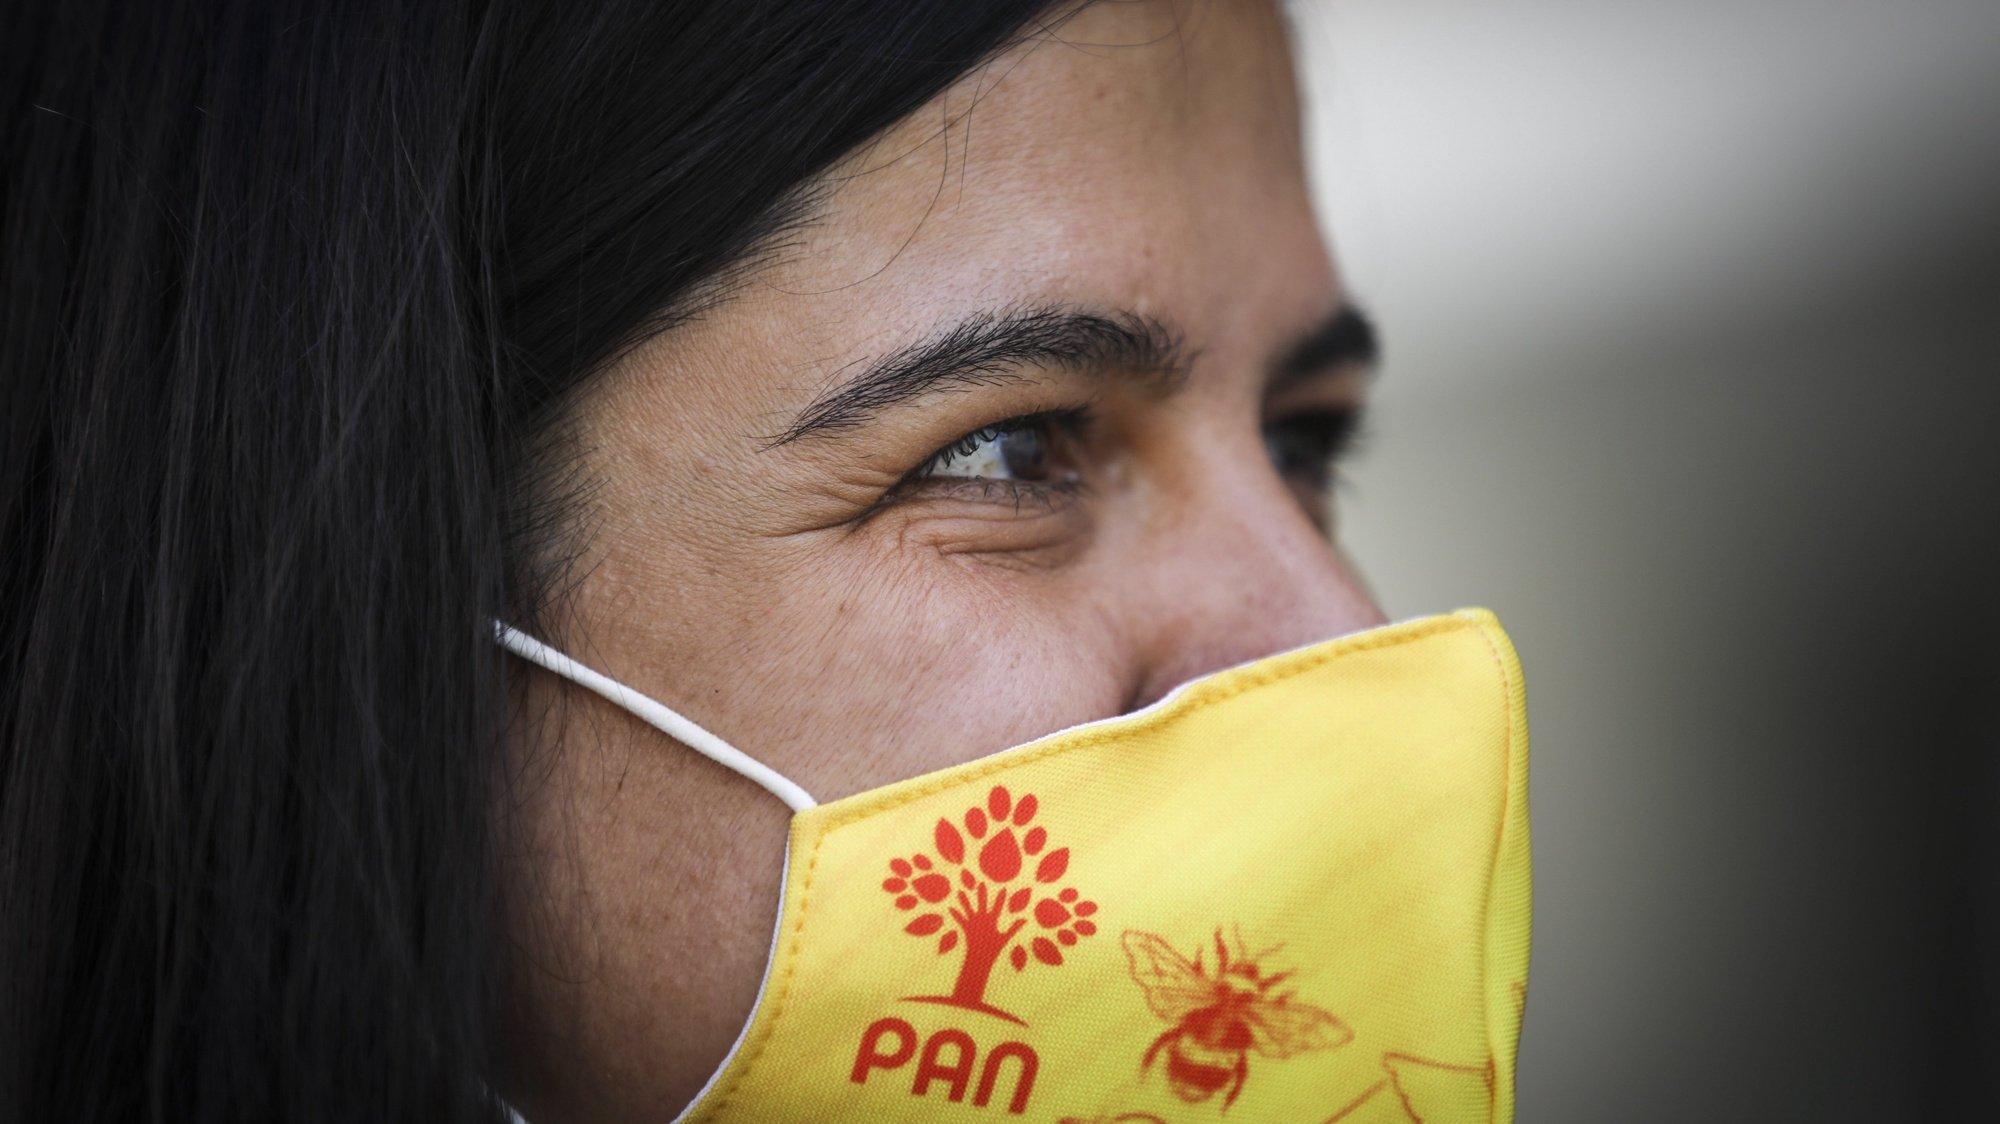 A porta-voz do partido Pessoas-Animais-Natureza (PAN), Inês de Sousa Real, durante uma ação de campanha autárquica no Barreiro, 20 de setembro de 2021. ANDRÉ KOSTERS/LUSA